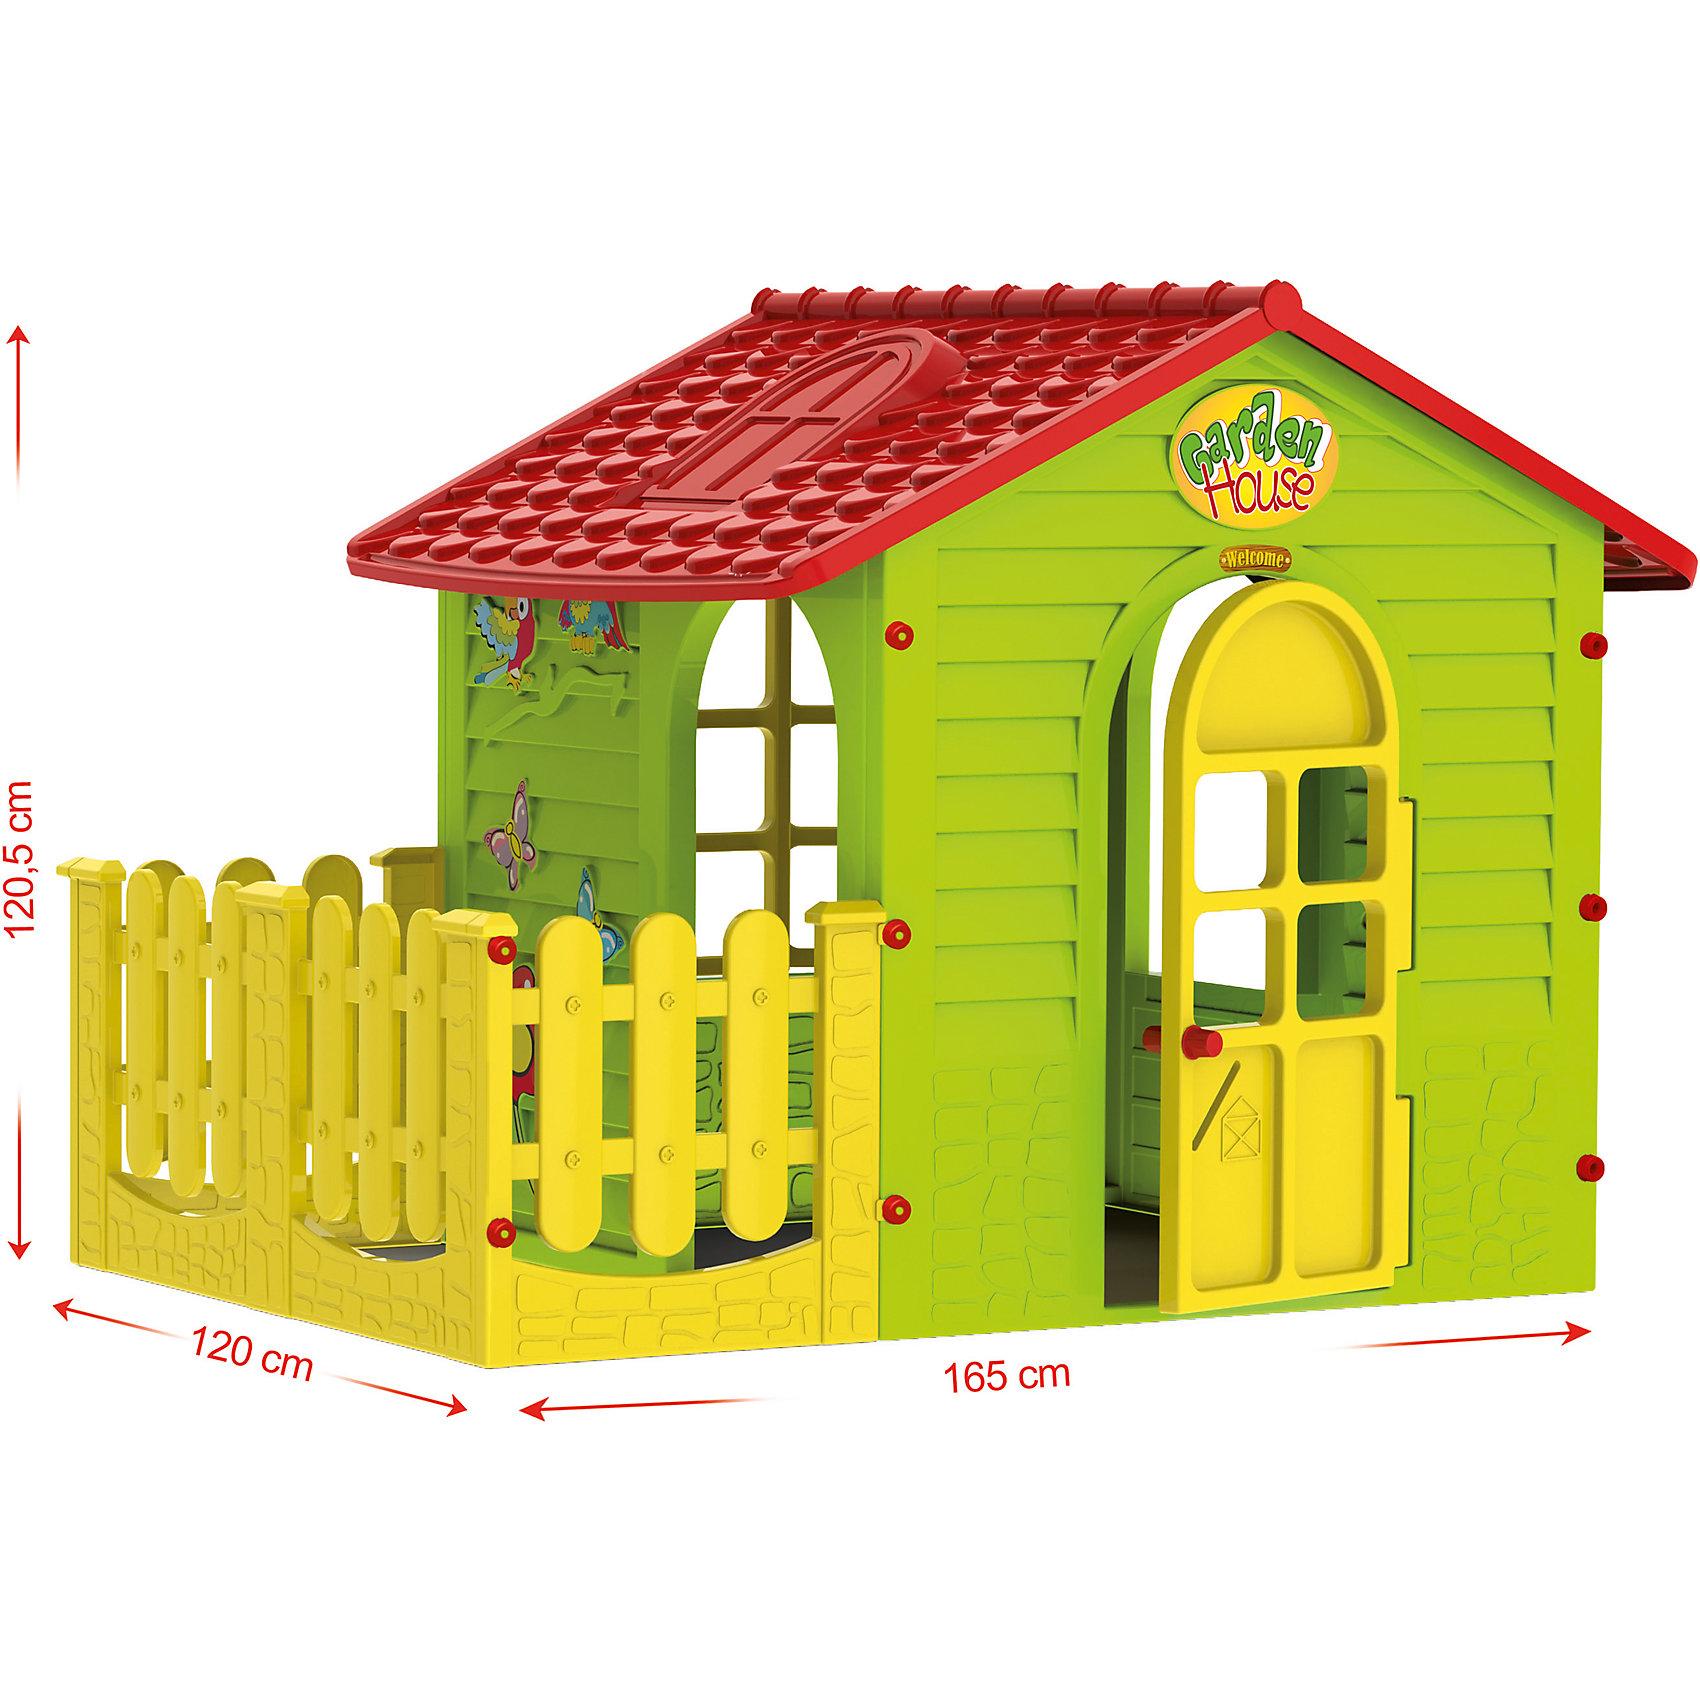 Домик с забором, MochtoysДомики и мебель<br>Домик с забором, Mochtoys.<br><br>Характеристики:<br><br>• Для детей в возрасте: от 1 года<br>• Размер домика с забором: 165х120х120,5 см.<br>• Конструкция сборная (собирается с помощью пластиковых болтов и гаек)<br>• Материал: пластик<br>• Цвета: зеленый, красный, желтый<br>• Размер упаковки: 115х19,5х120,5 см.<br>• Вес: 19,5 кг.<br><br>Домик с забором Mochtoys идеально подойдет для игр вашего ребенка на открытом воздухе и в помещении! Размеры домика достаточны, чтобы вместить несколько детей одновременно, что обеспечивает невероятные возможности для совместных игр малышей. В домике есть 2 окна, дверь и дверной проем, для выхода во дворик огороженный забором. Одно из окон оборудовано открывающейся рамой. Дверь домика открывается. Одна из стен домика украшена бабочками, попугайчиками и цветком. На крыше имитация черепицы и мансардного окна. Двор домика отгорожен желтым декоративным заборчиком, что создает дополнительное игровое пространство, которое можно использовать для игры в теремок, прятки, в магазин, а также дети смогут там размещать цветочные горшки с настоящими цветами, поливать их, заботиться о них. Дизайн домика продуман таким образом, что у ребенка создается полное впечатление того, что он находится в настоящем доме. Все детали дома надежно фиксируются между собой и не разбалтываются при активной эксплуатации. Конструкция домика устойчивая и надежная, острые края отсутствуют, поэтому он абсолютно безопасен для детей. Изделие выполнено в соответствии с европейскими стандартами качества из высококачественного, прочного пластика. Материал не выгорает на солнце и морозоустойчив (не боится морозов до -15 градусов). Домик прост в уходе, его можно мыть на даче из шланга проточной водой.<br><br>Домик с забором, Mochtoys можно купить в нашем интернет-магазине.<br><br>Ширина мм: 1650<br>Глубина мм: 1200<br>Высота мм: 1205<br>Вес г: 19500<br>Возраст от месяцев: 12<br>Возраст до месяцев: 120<br>Пол: Унисекс<br>Возраст: Детс